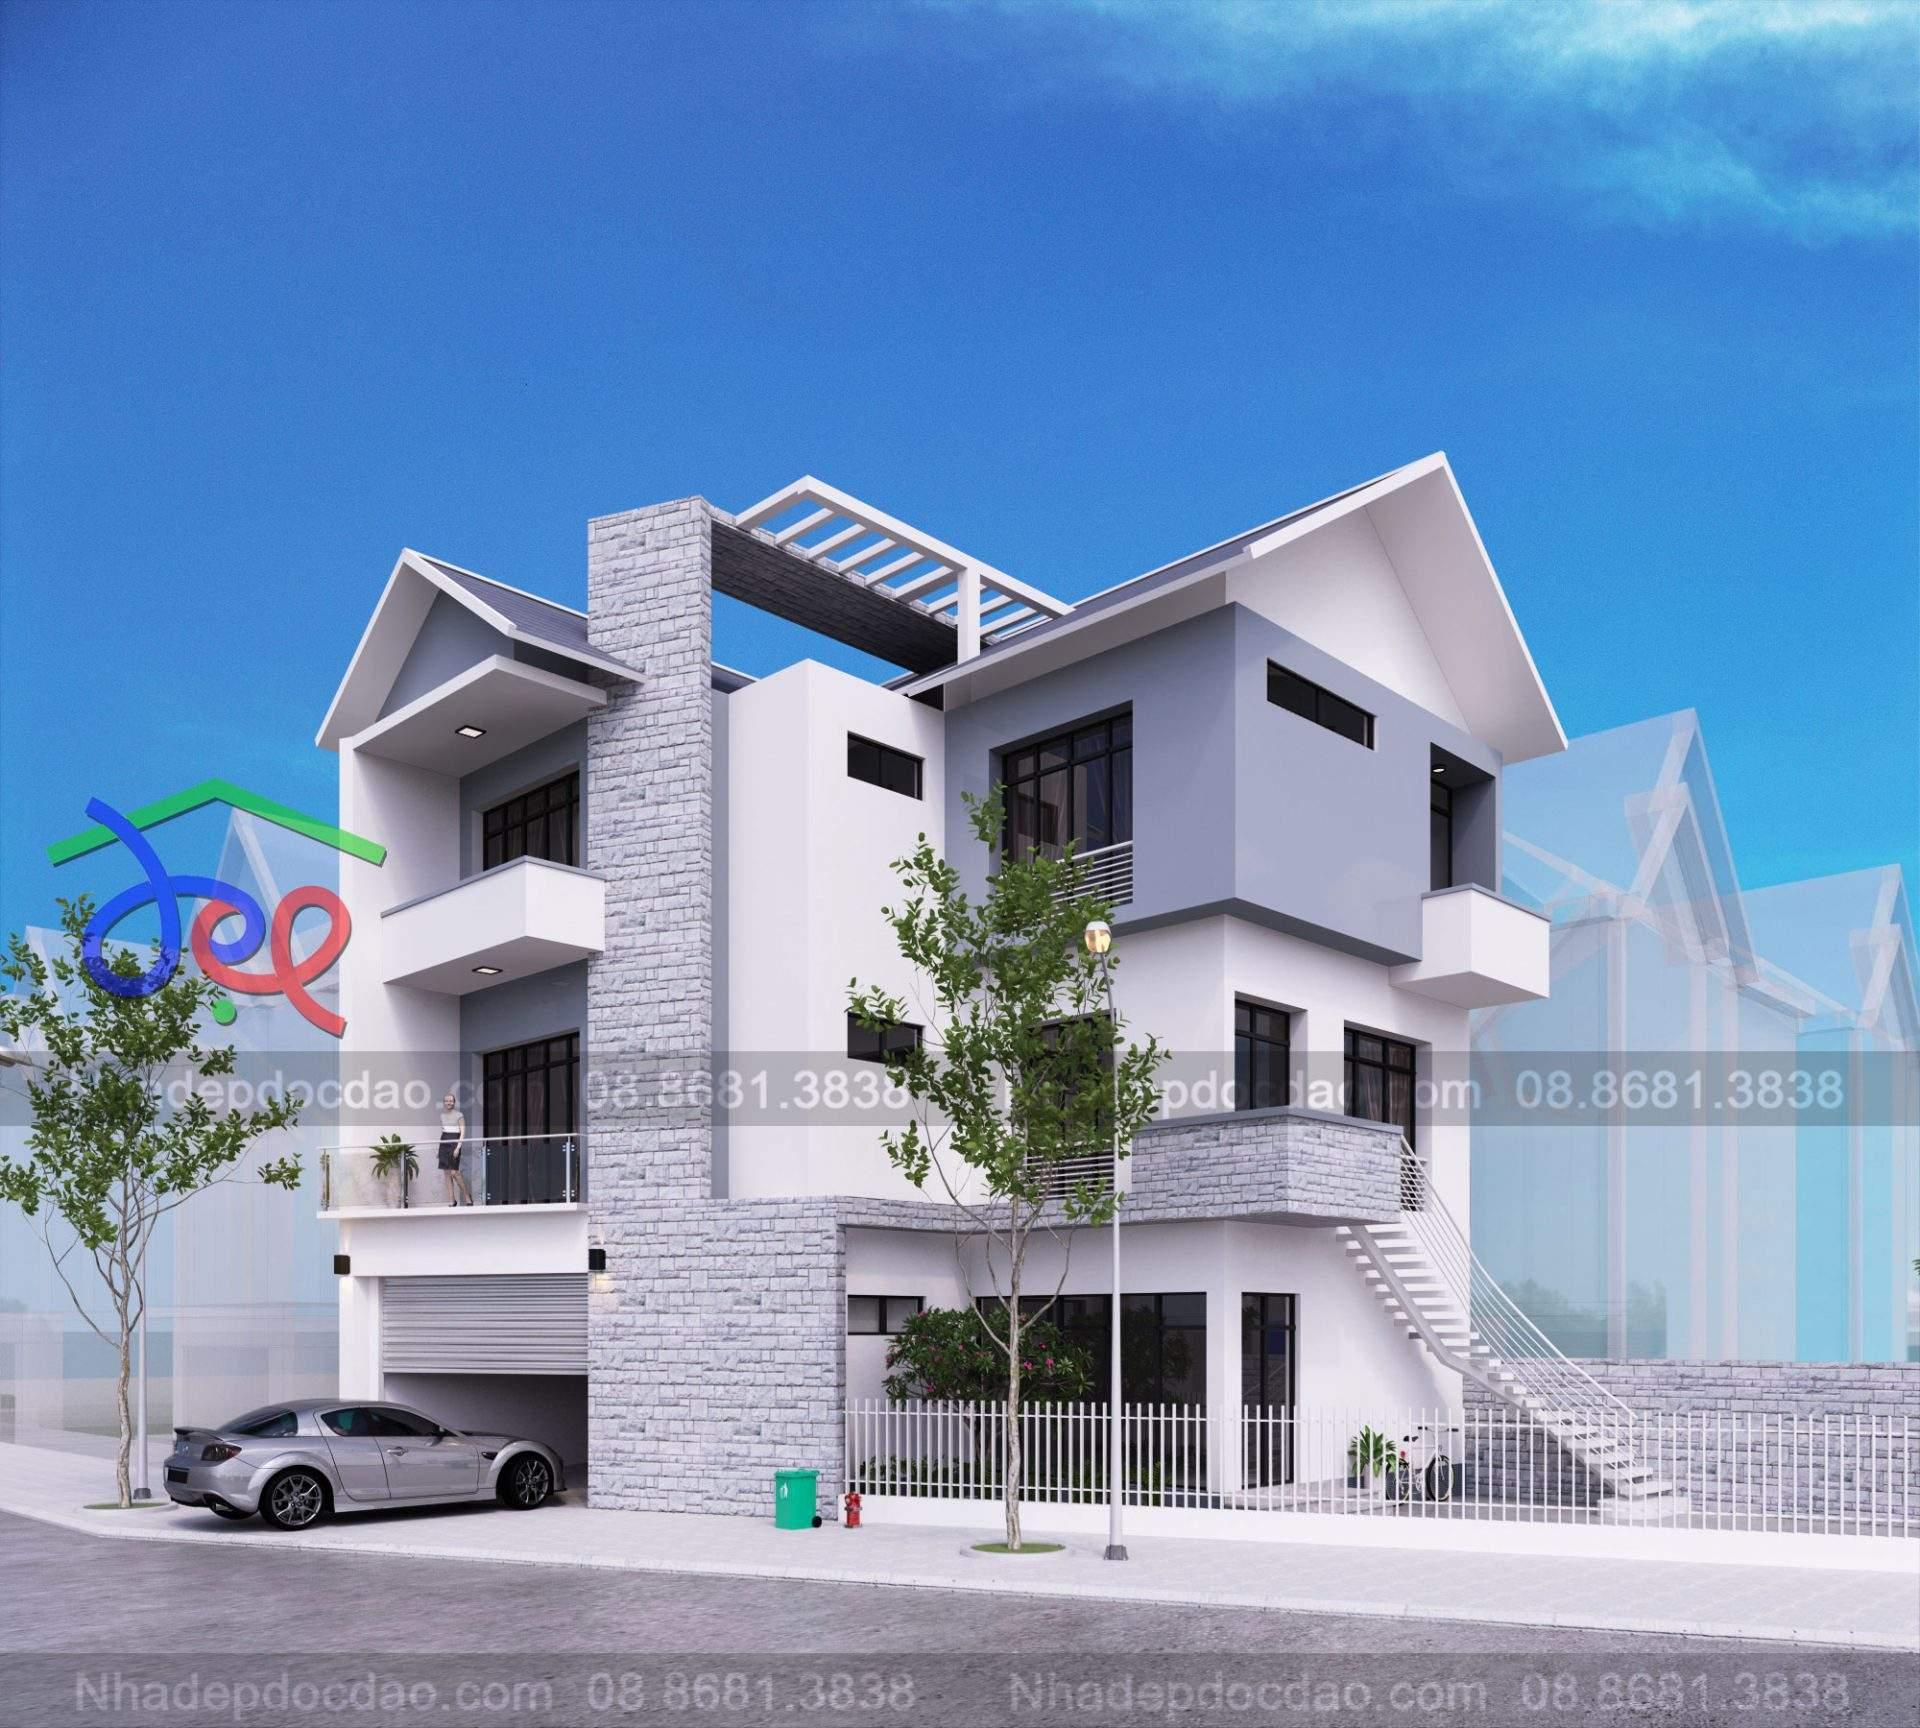 Mẫu thiết kế biệt thự mini 3 tầng hiện đại trên đất hình thang